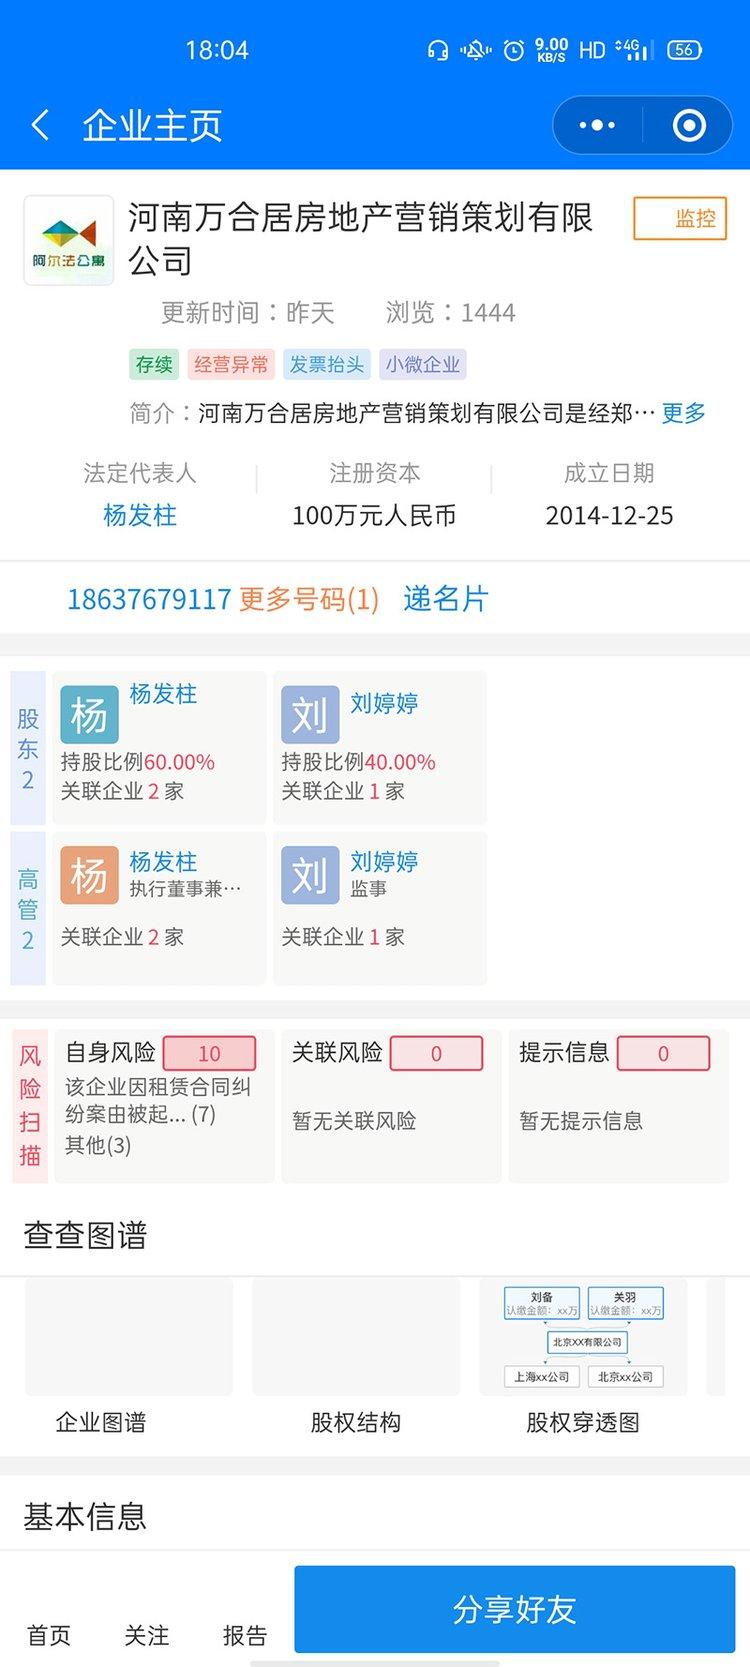 郑州又一中介跑路 租客被房东要求15日之前搬离